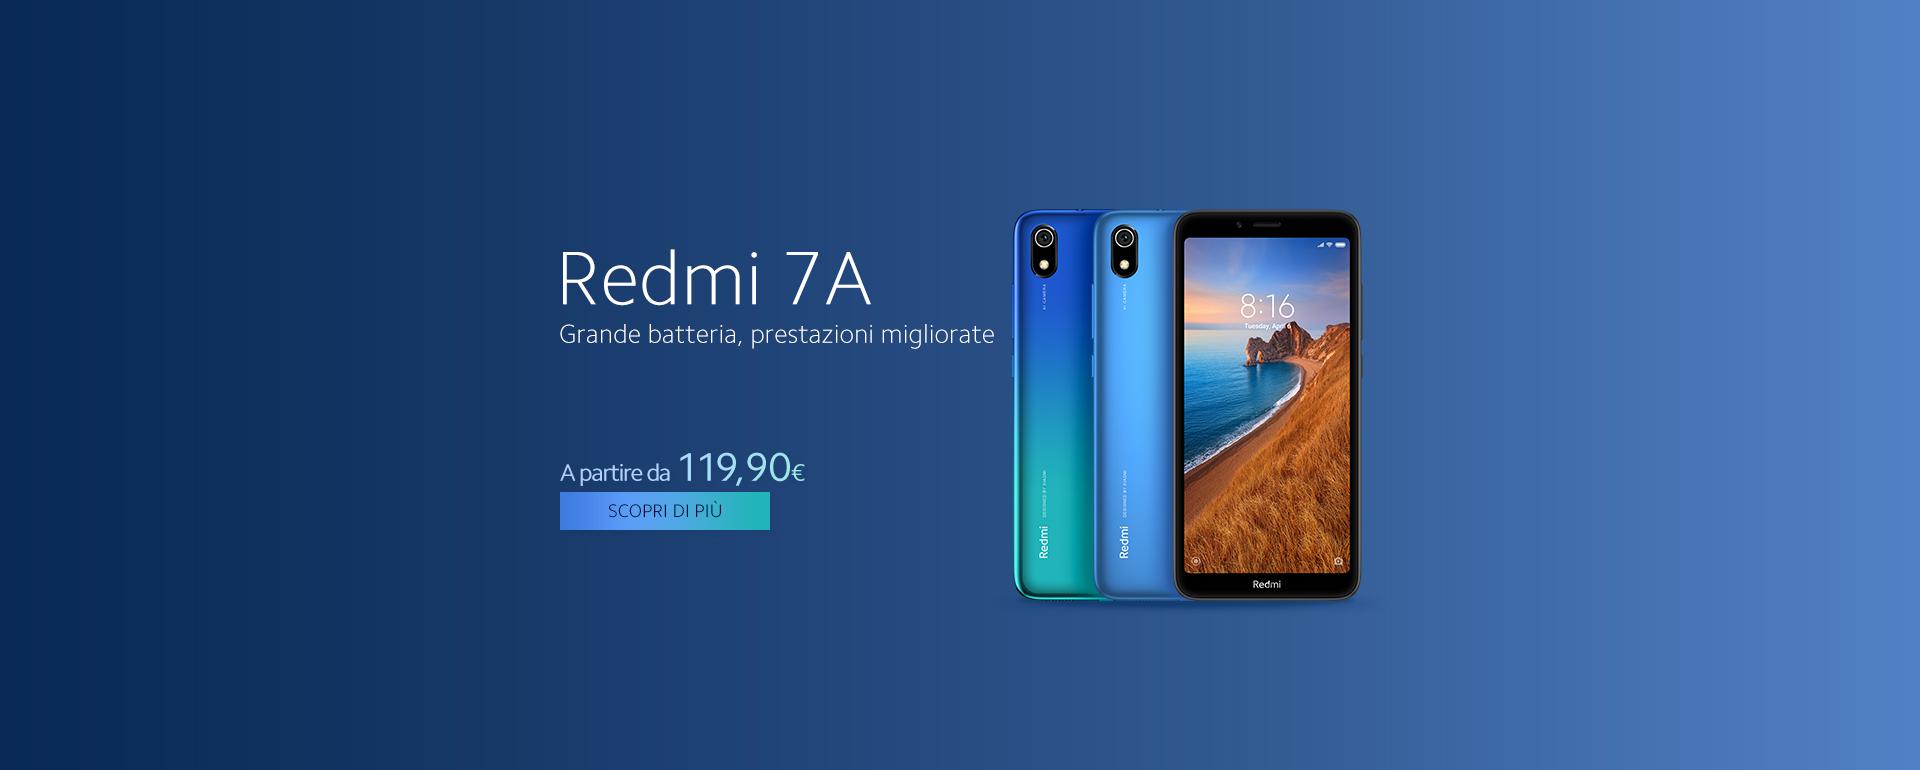 Redmi-7A